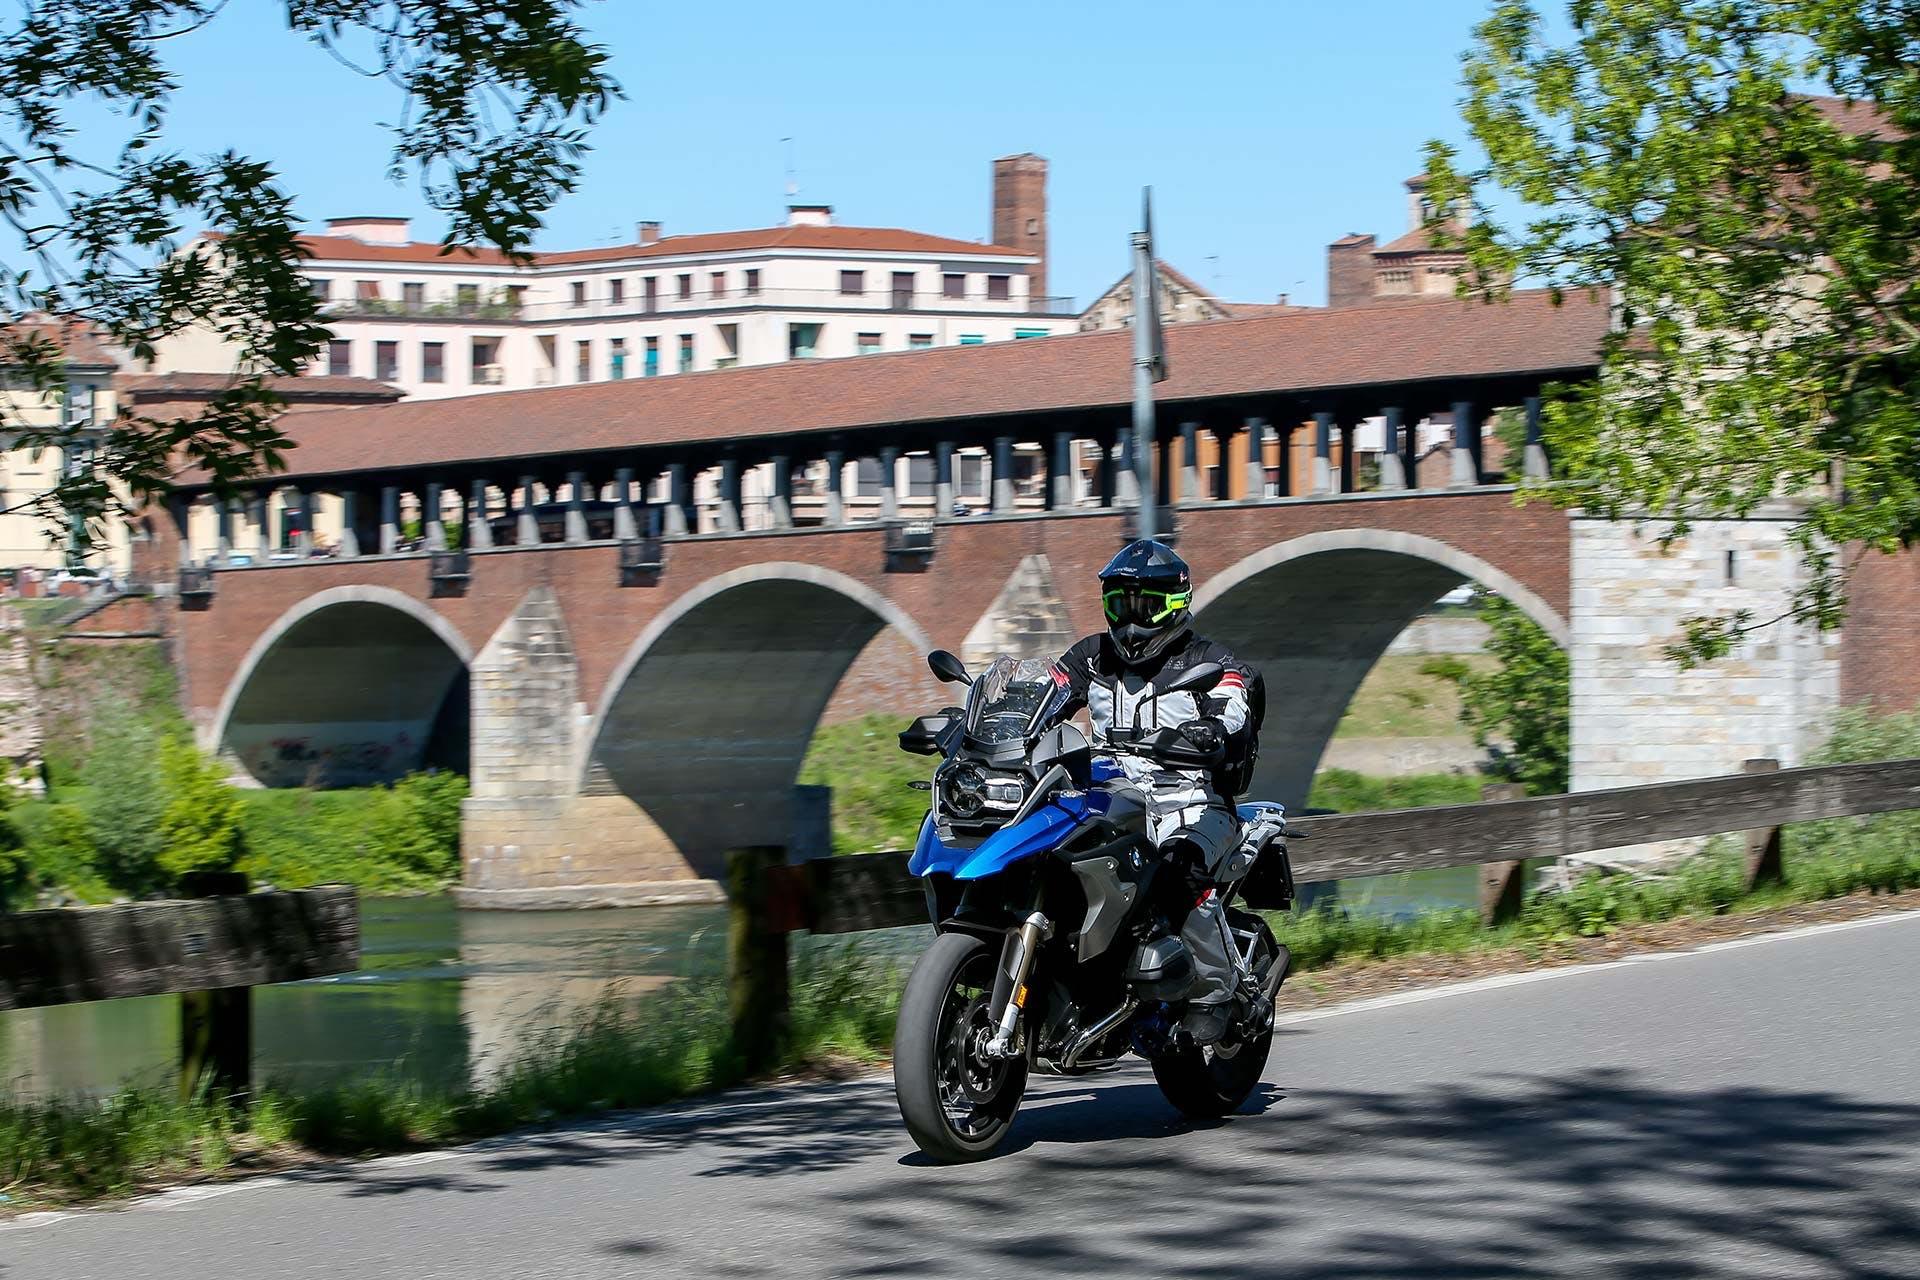 BMW R 1200 GS Rallye Movimento Anteriore Ponte Coperto Pavia